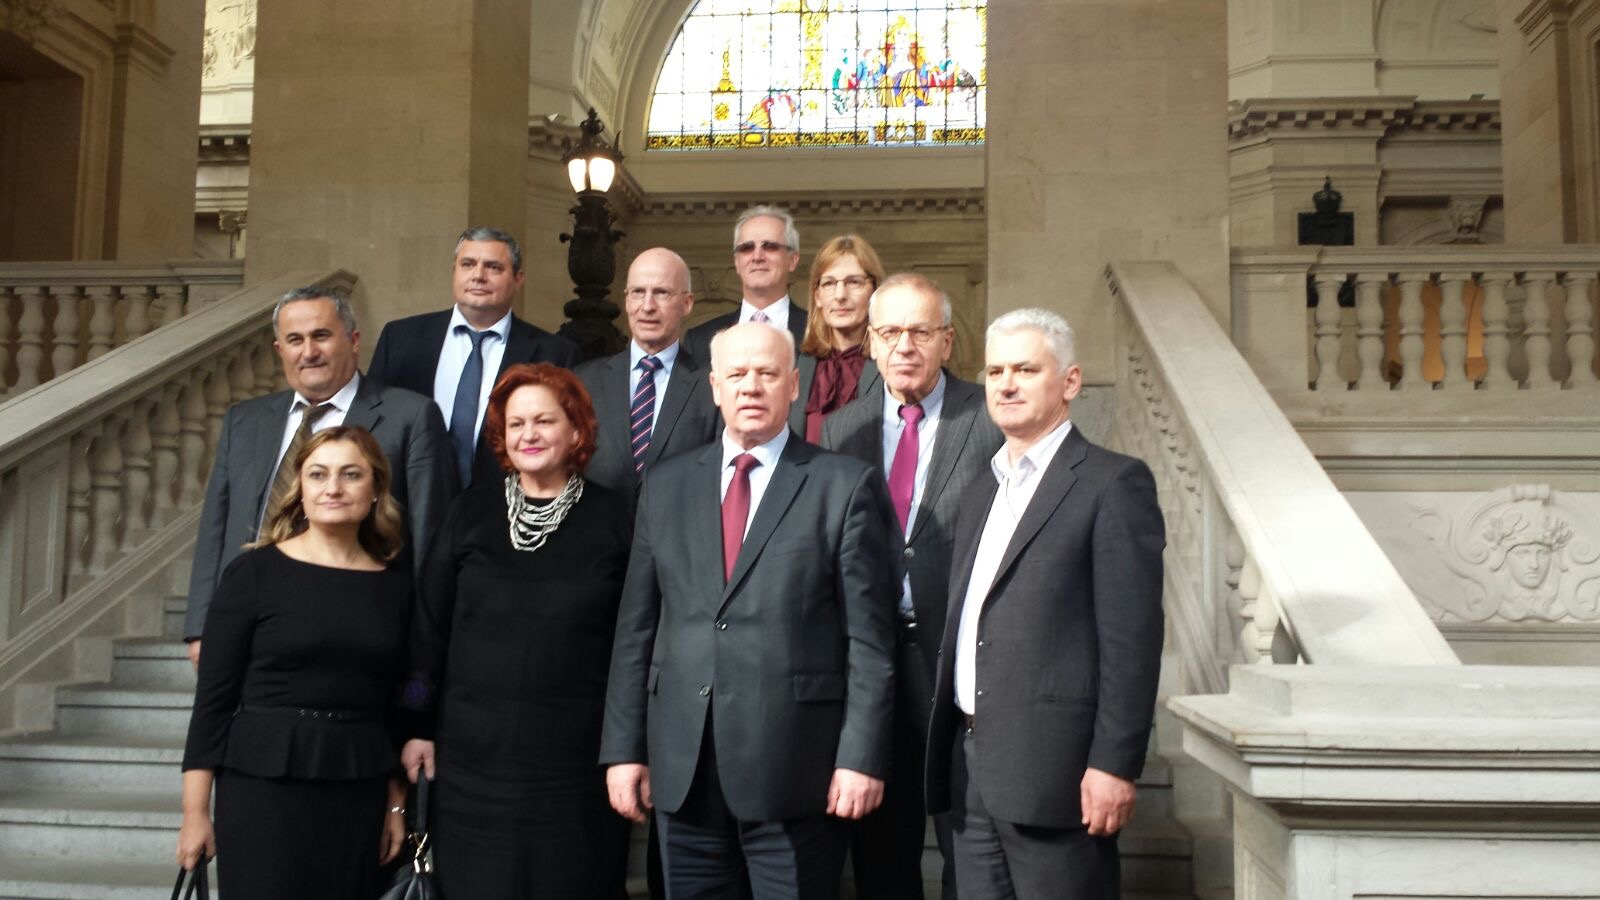 Një delegacion i Gjykatës së Lartë, kryesuar nga Kryetari i saj Z. Xhezair Zaganjori, zhvilluan një vizitë zyrtare në Gjykatën e Lartë Federale Administrative në Lajpcig, si dhe në Gjykatën e Lartë Administrative të Landit të Saksonisë, Bautzen, Gjermani